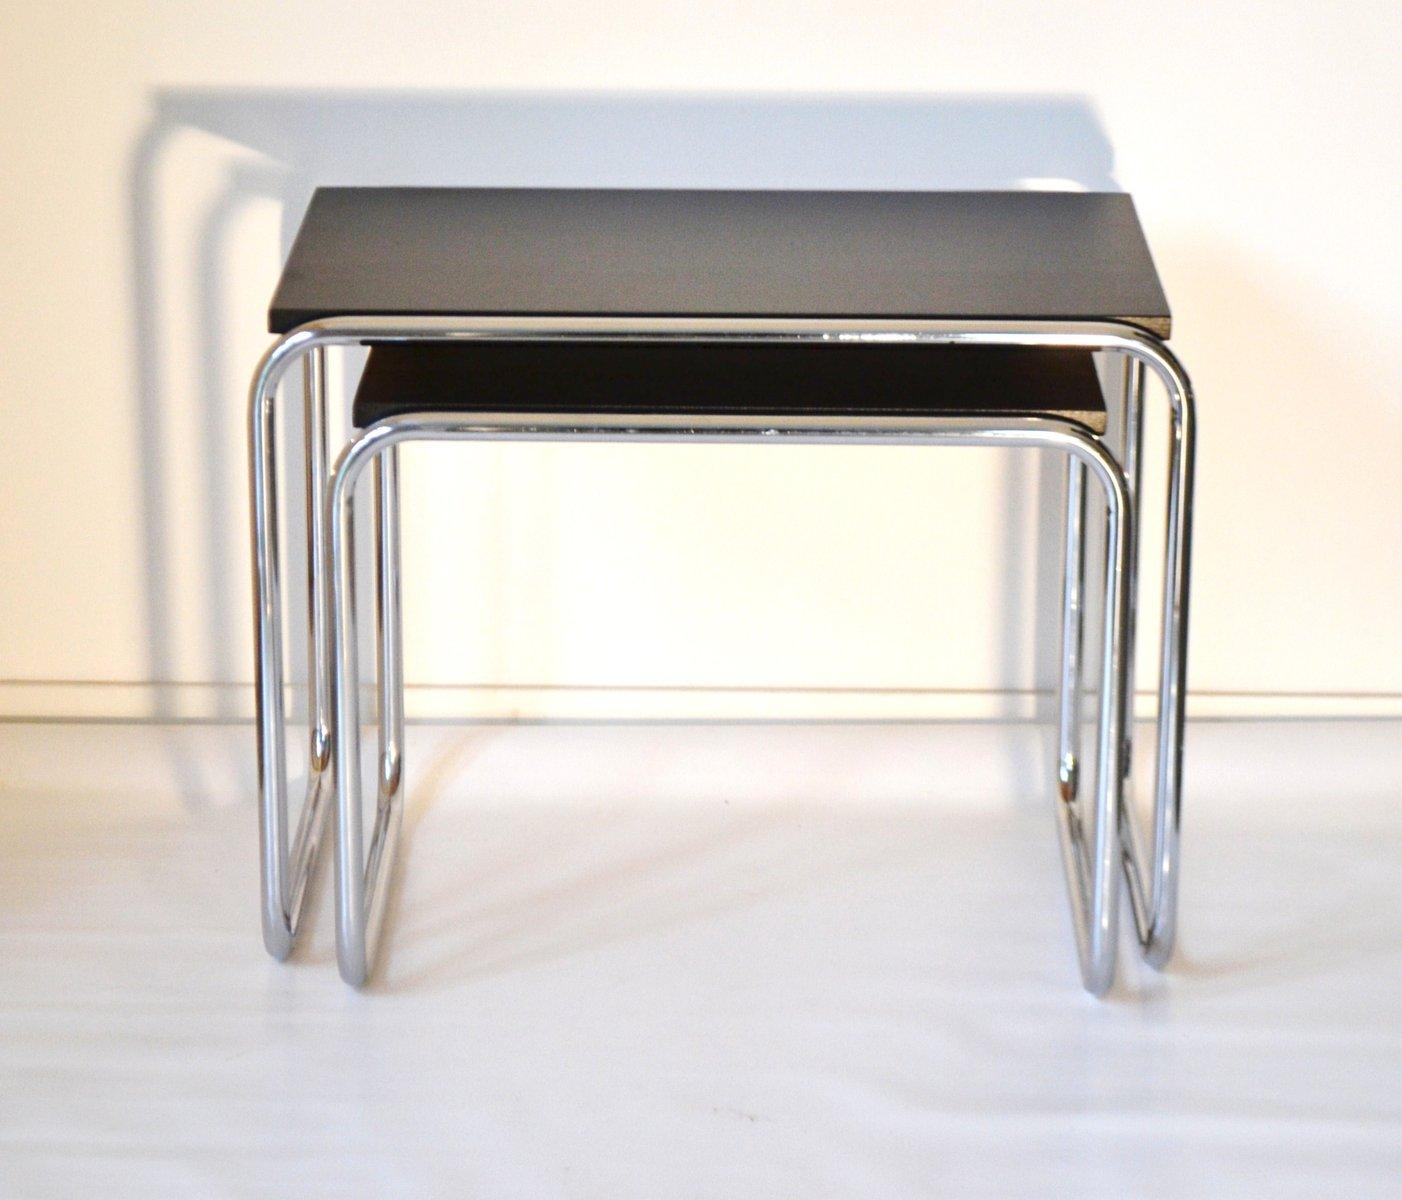 bauhaus satztische 2er set bei pamono kaufen. Black Bedroom Furniture Sets. Home Design Ideas